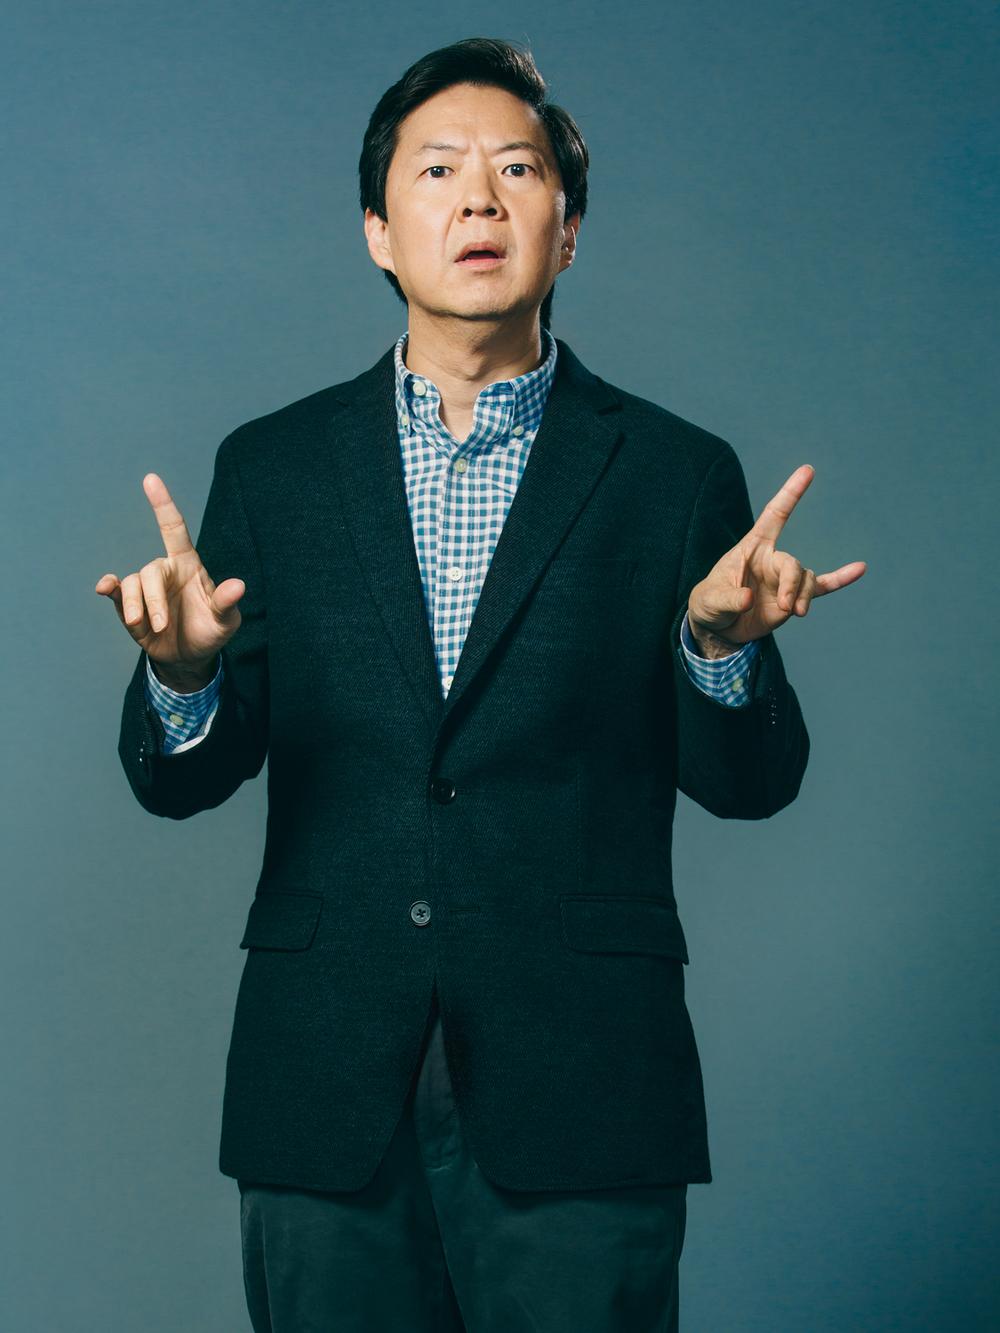 Ken Jeong: Actor, Comedian